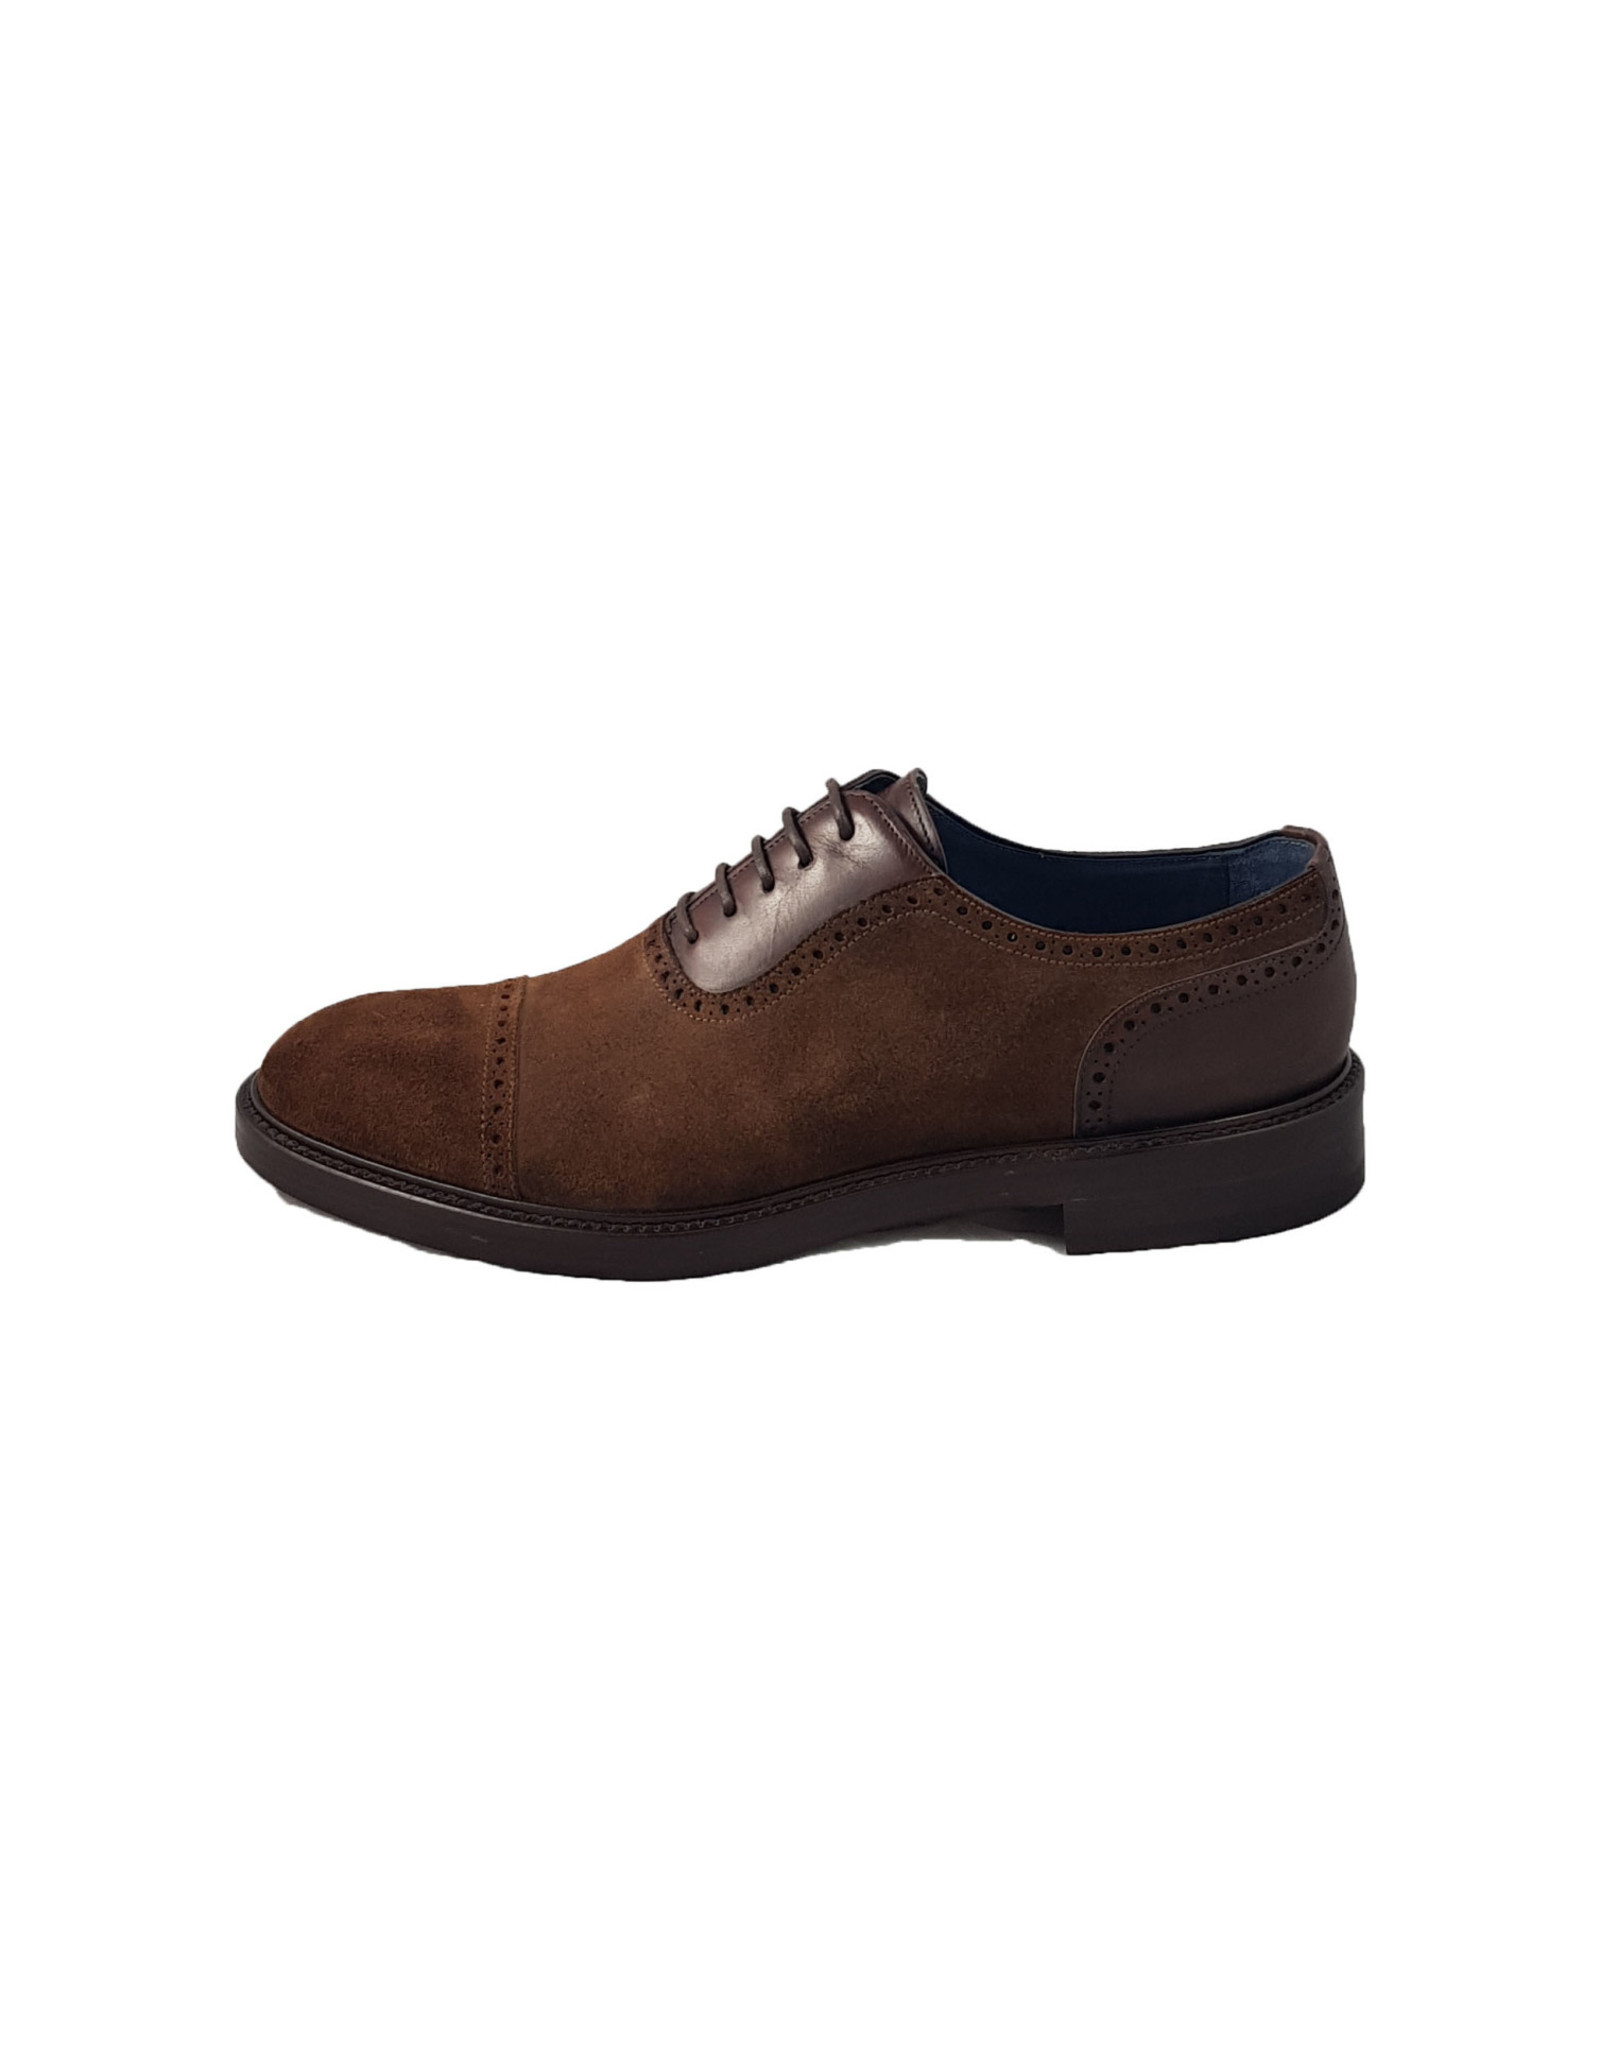 Zampiere Zampiere schoenen bruin 9911 Suede Snuff